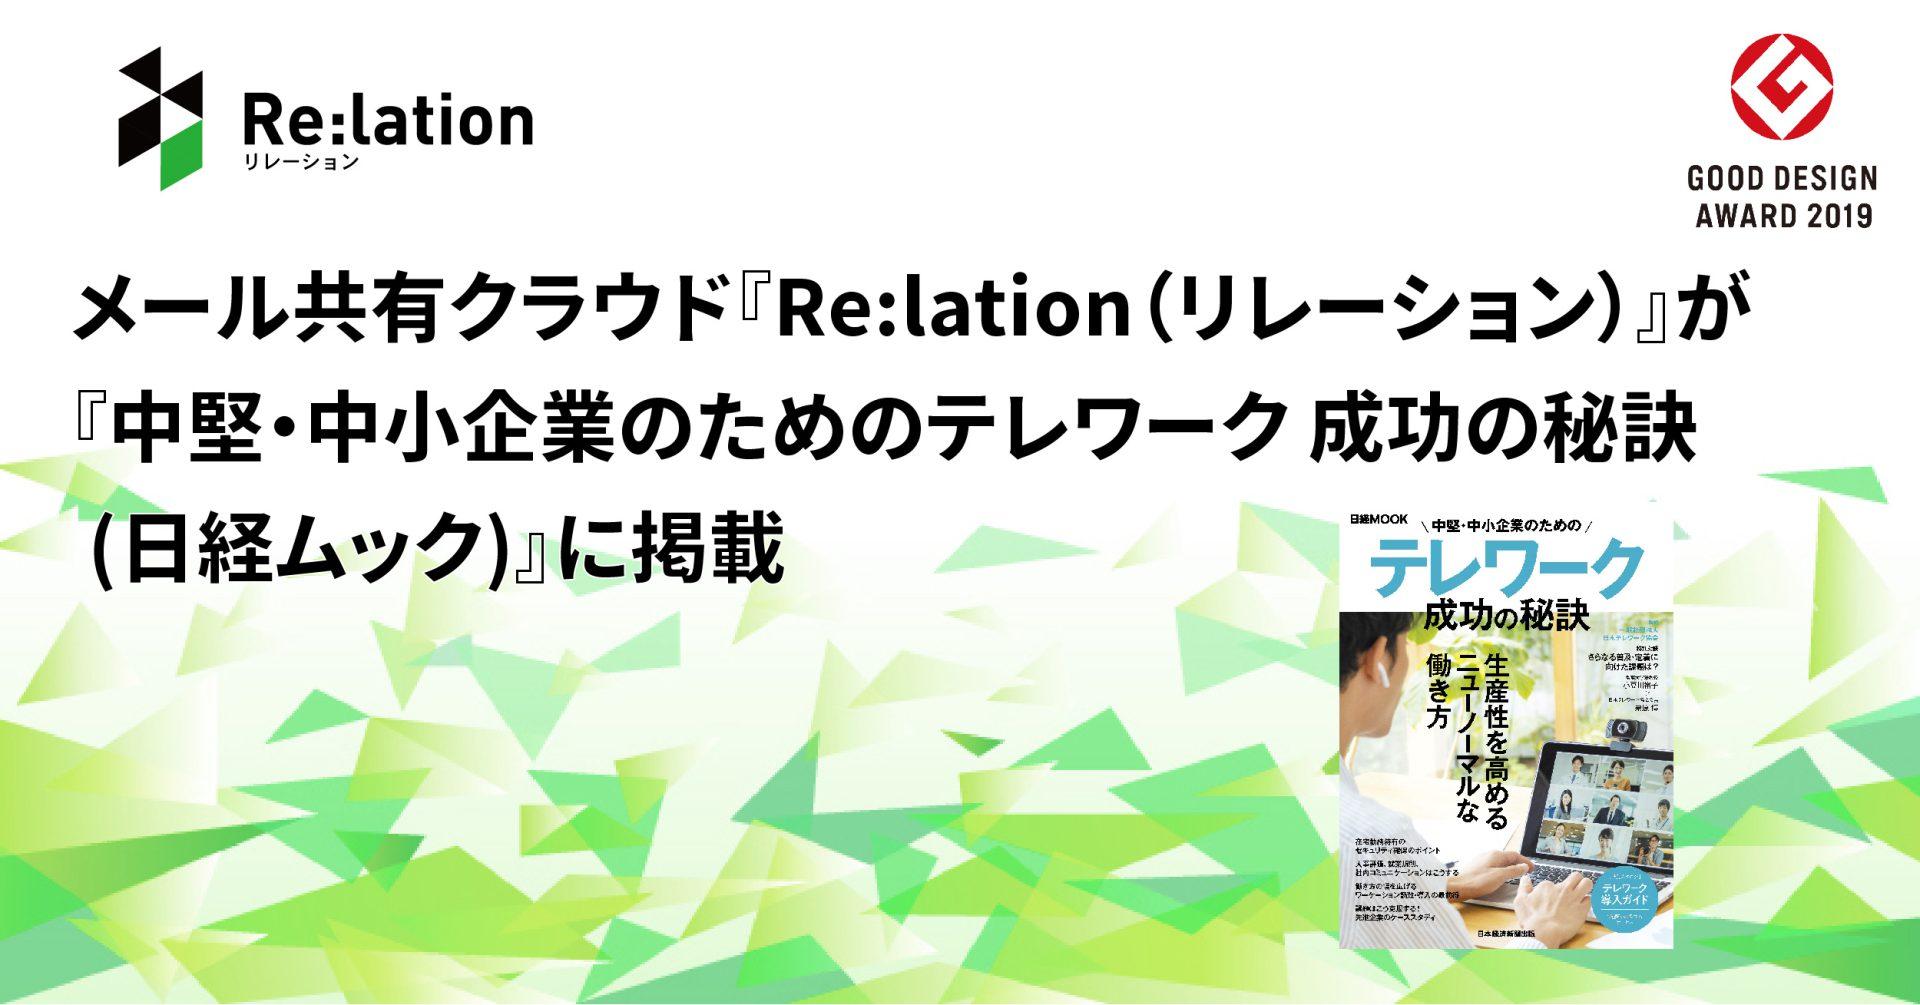 メール共有システム『Re:lation』が『中堅・中小企業のためのテレワーク 成功の秘訣 (日経ムック)』に掲載